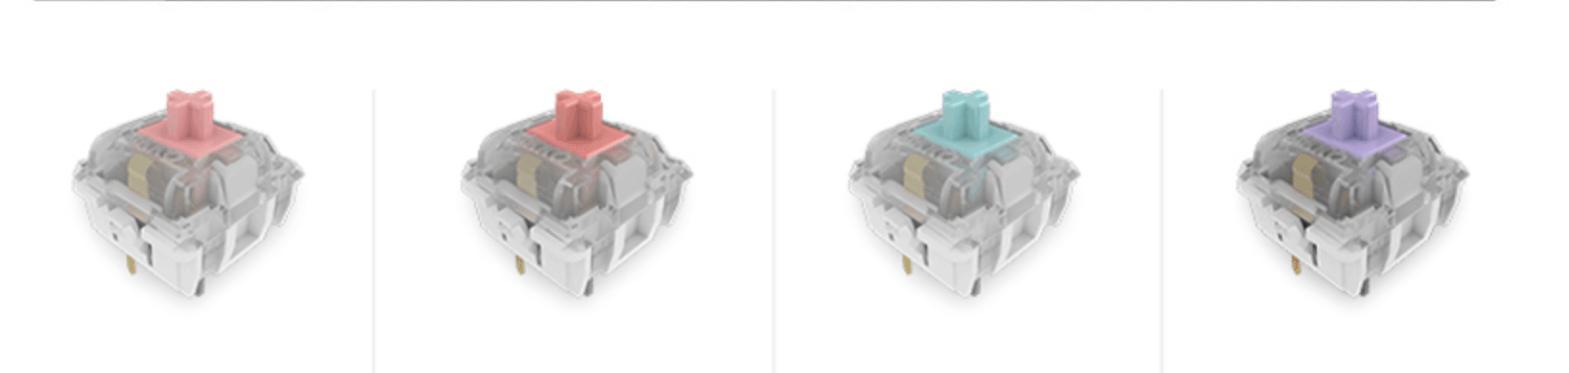 Bàn phím AKKO 3108 Dragon Ball Z - Frieza (Akko Pink sw) sửu dụng switch Akko cao cấp